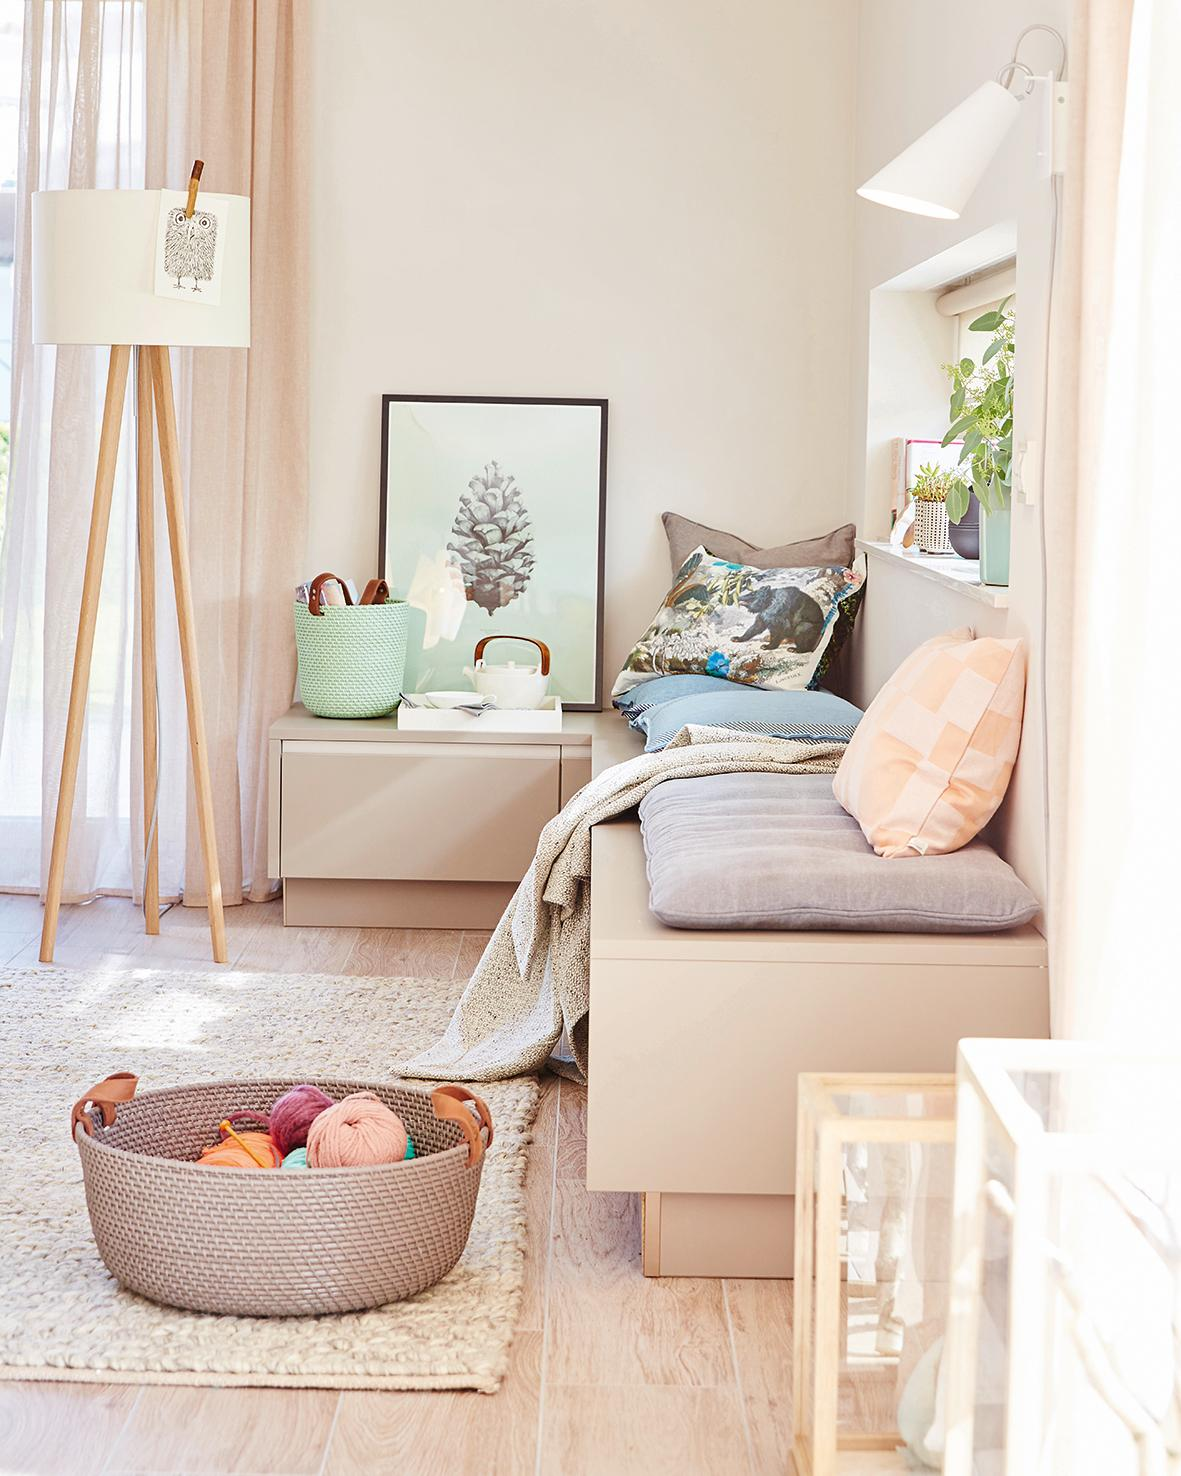 Pearl SCHONER WOHNEN Trendfarbe Wandfarbe Teppich Wohnzimmer Wandgestaltung Stehlampe